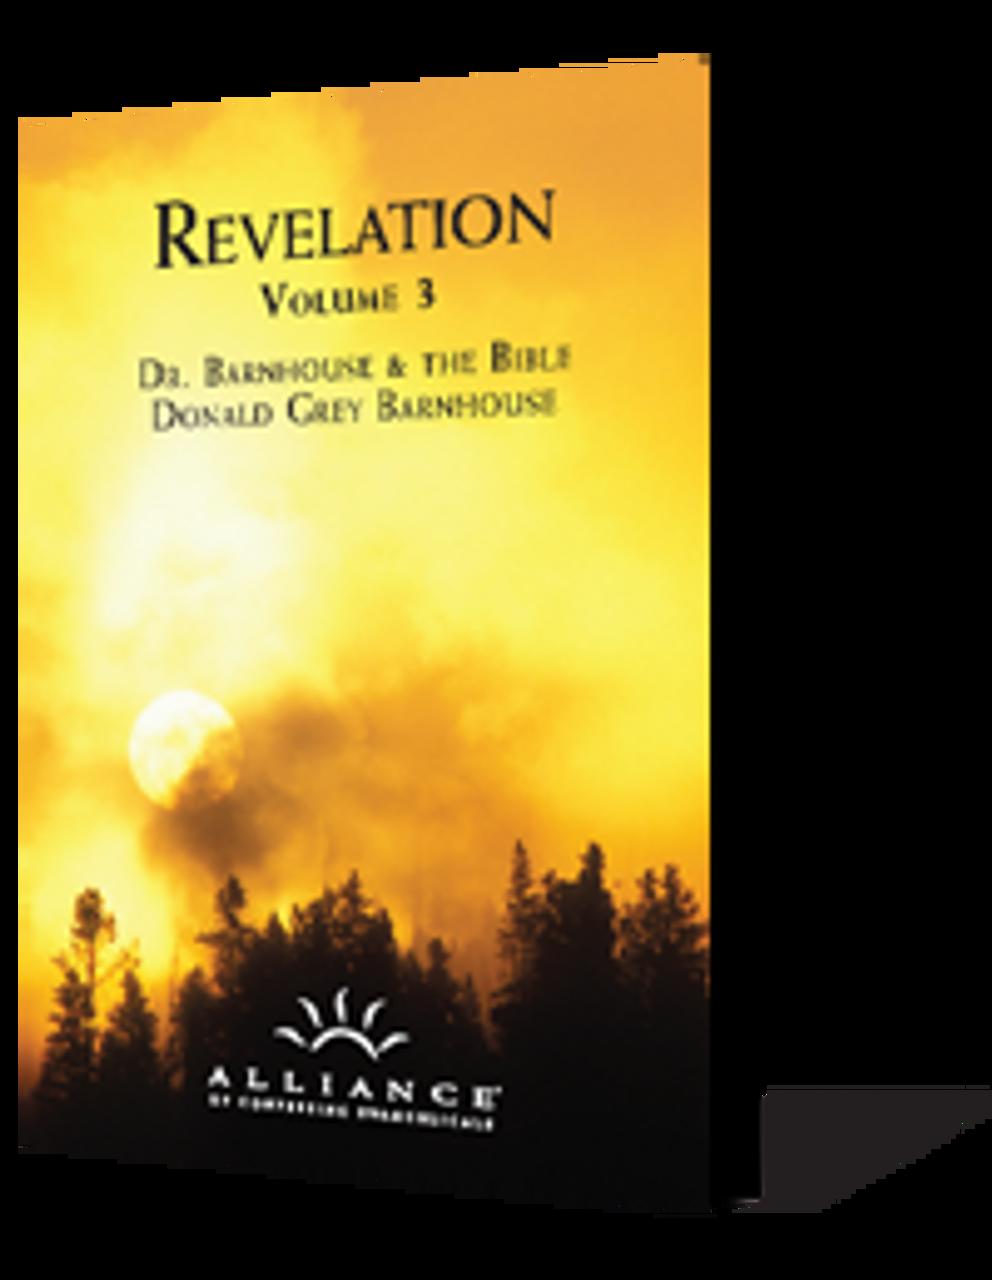 Revelation, Volume 3 (CD Set)